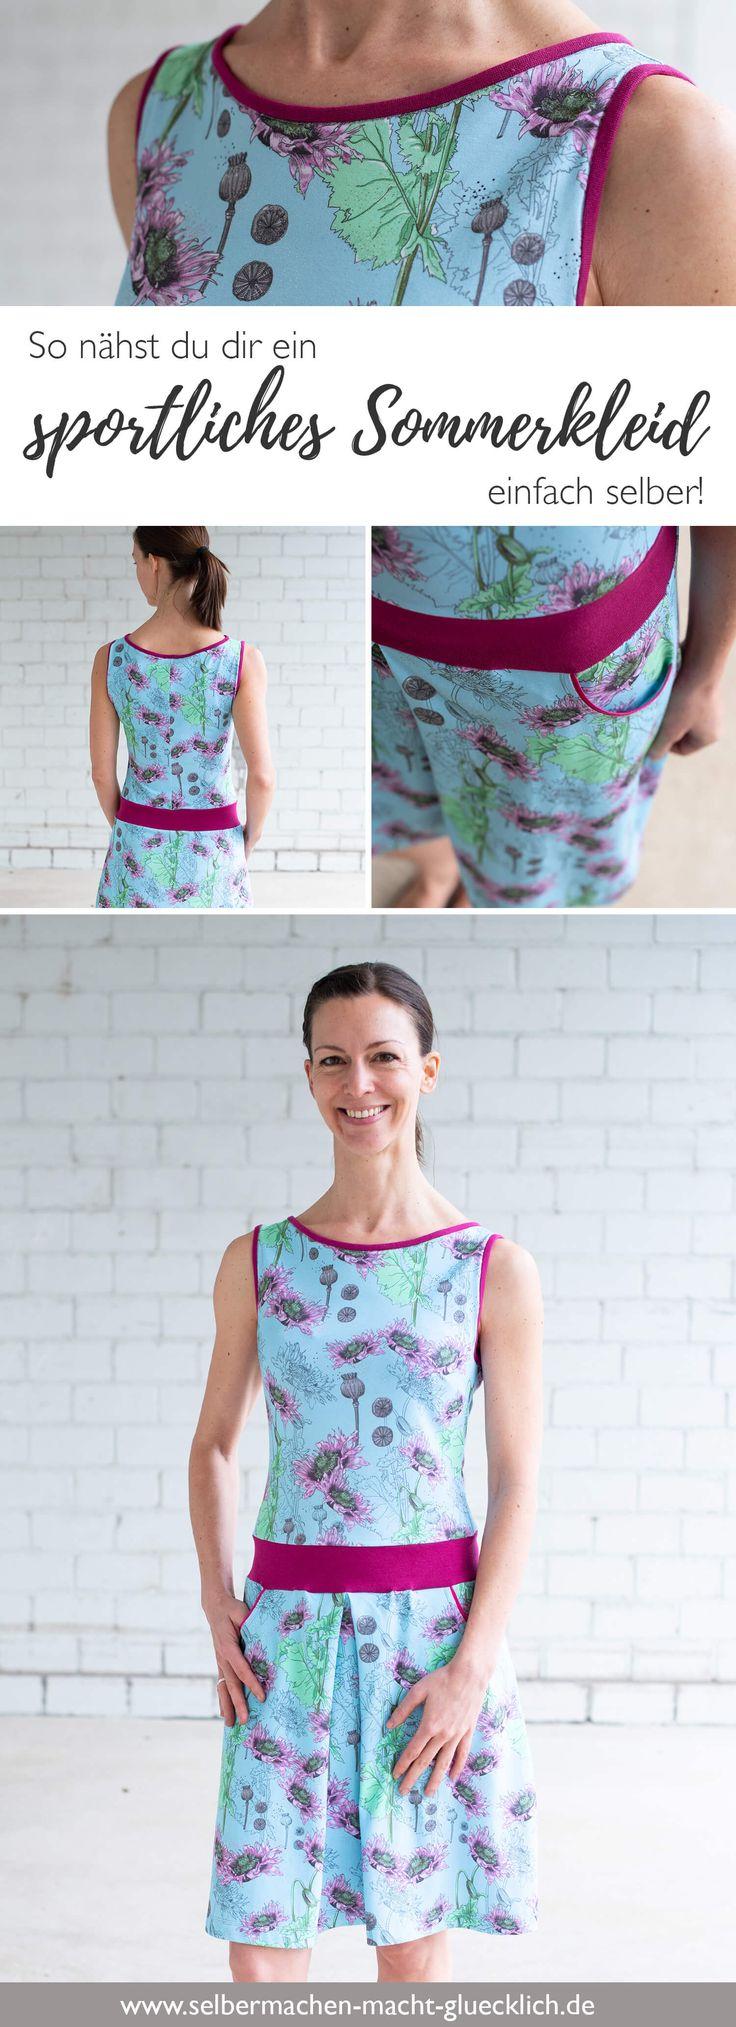 So nähst du ein sportliches Sommerkleid! – Selbermachen macht glücklich